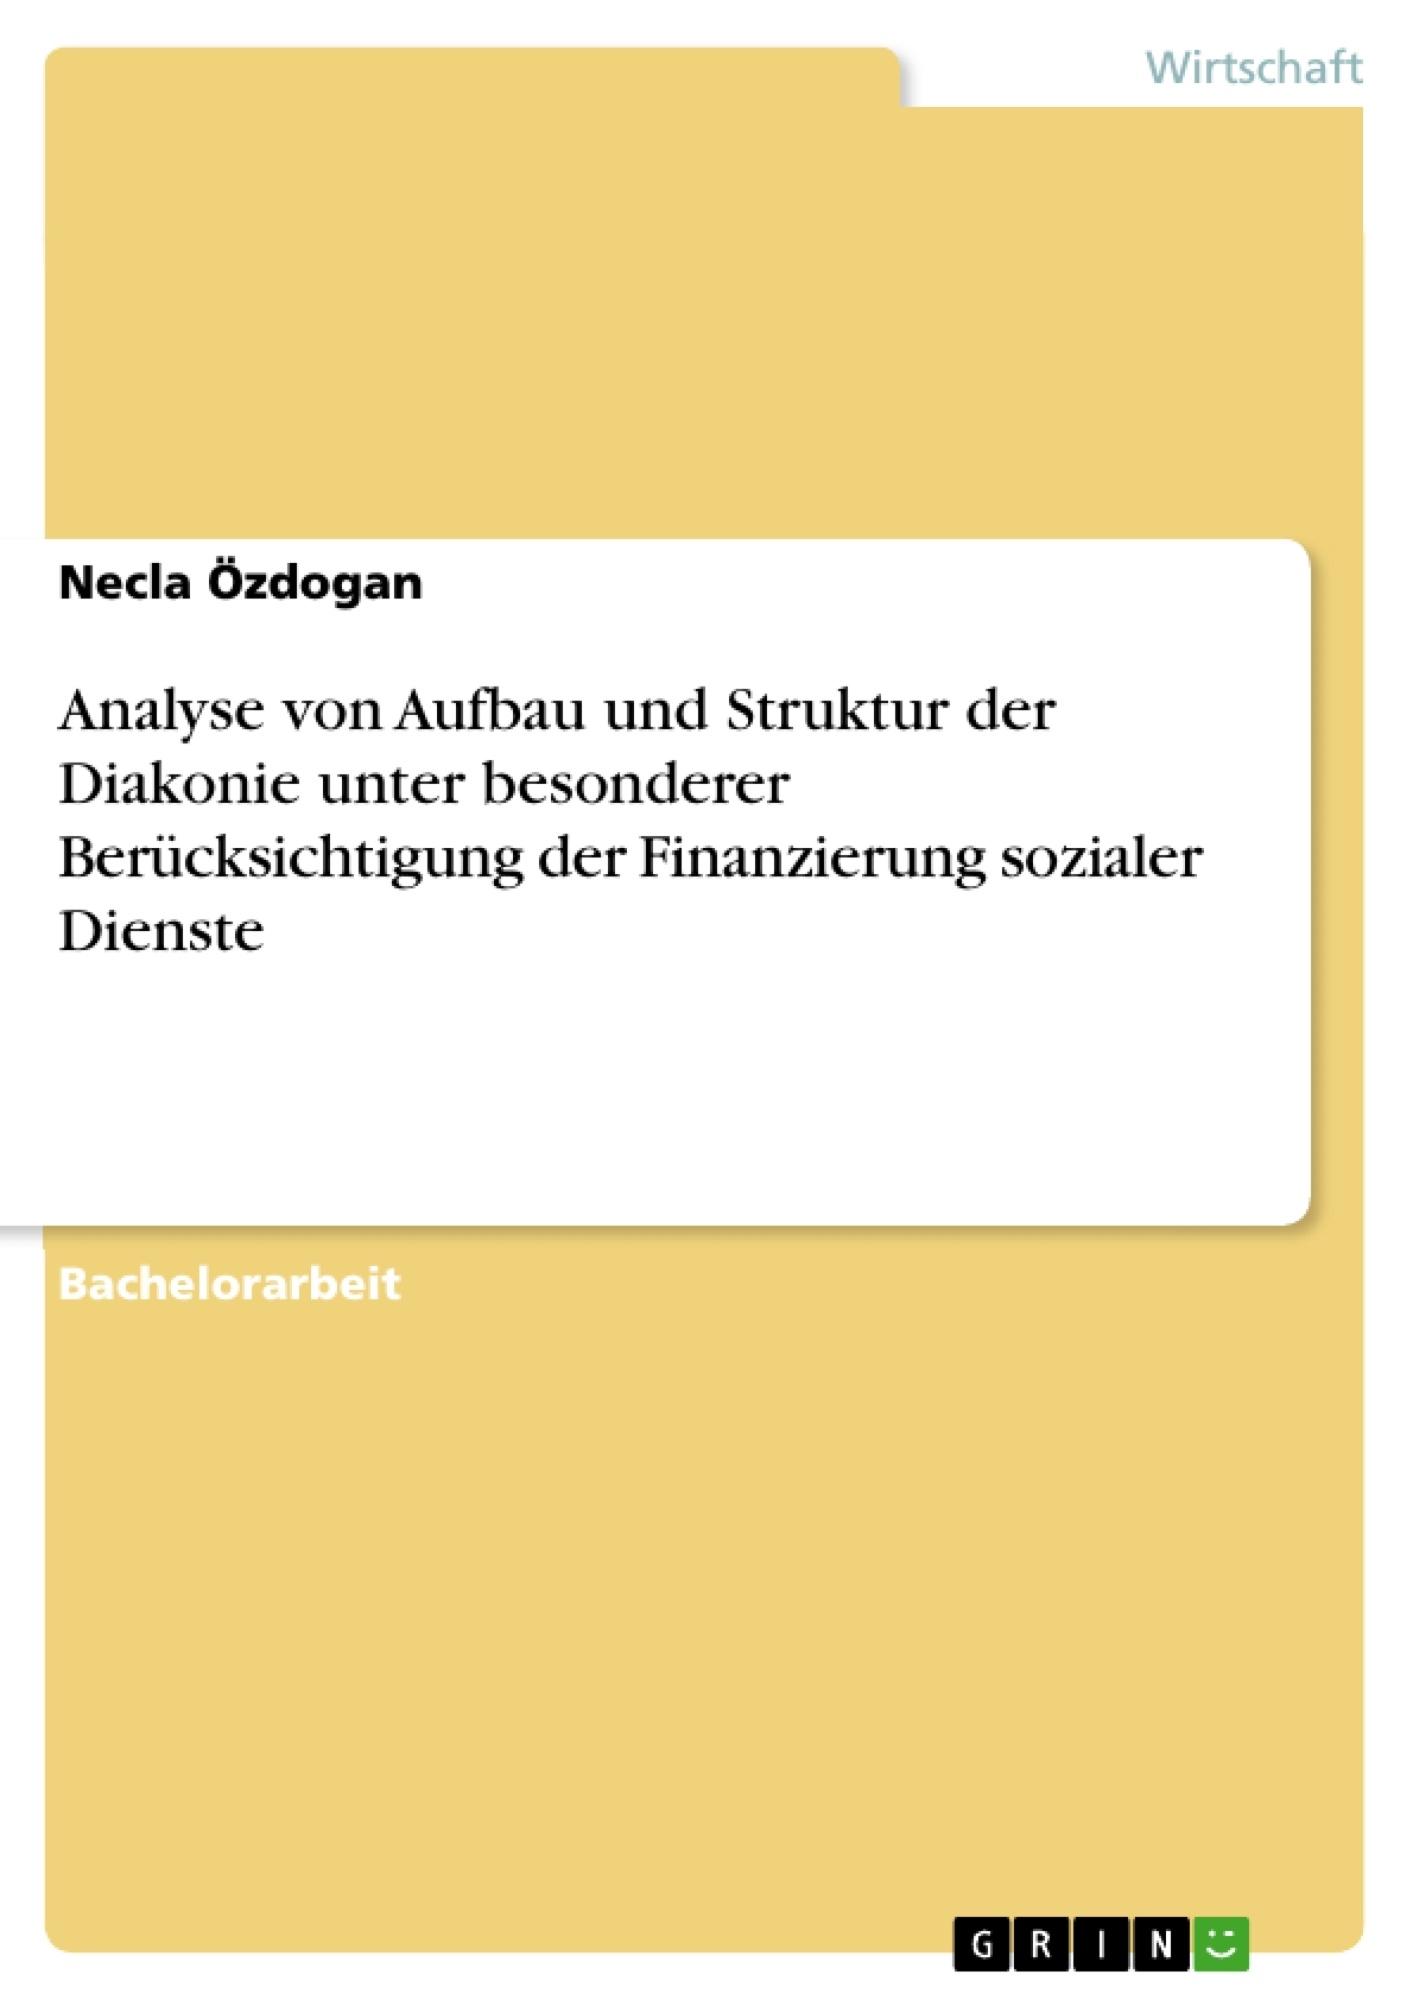 Titel: Analyse von Aufbau und Struktur der Diakonie unter besonderer Berücksichtigung der Finanzierung sozialer Dienste